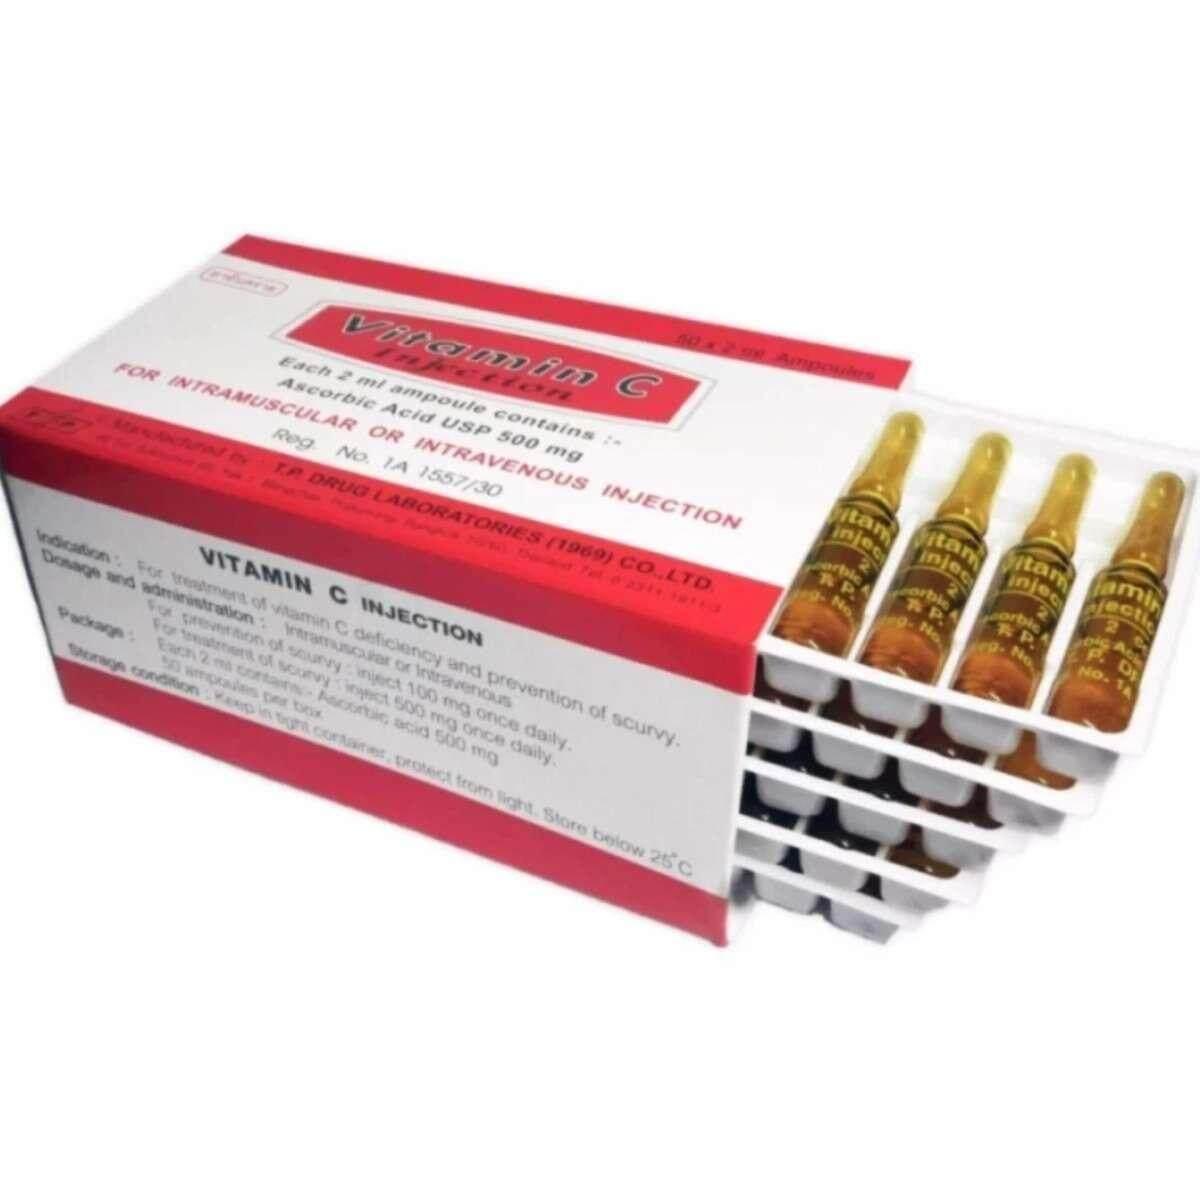 วิตามินซี Vitamin C บริสุทธิ์ 100% 500 mg. (1 กล่อง )